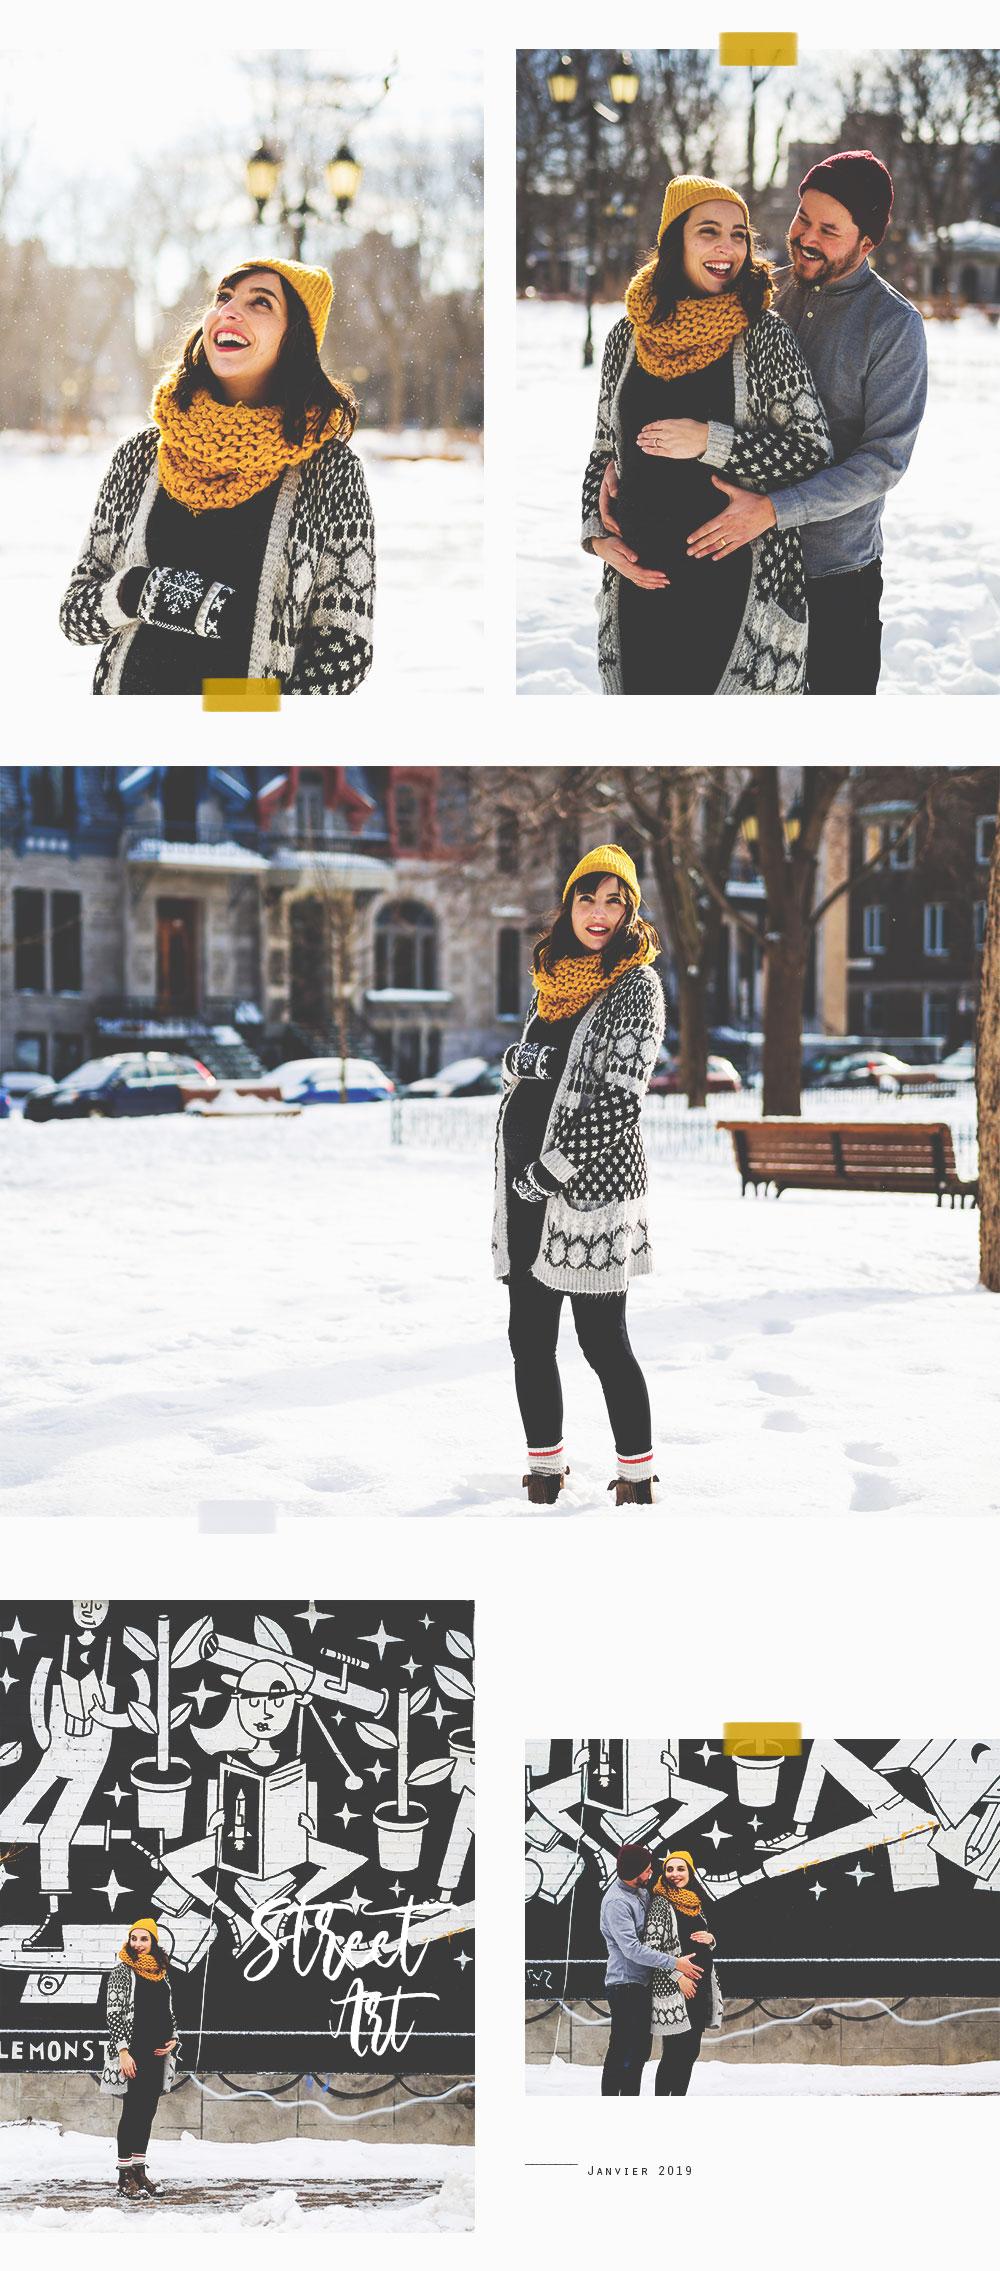 Séance photo grossesse en plein hiver, sous la neige et le soleil au coeur de Montréal, au Carré Saint-Louis, Plateau Mont-Royal. #maternityshooting #pregnancy #shootingphoto